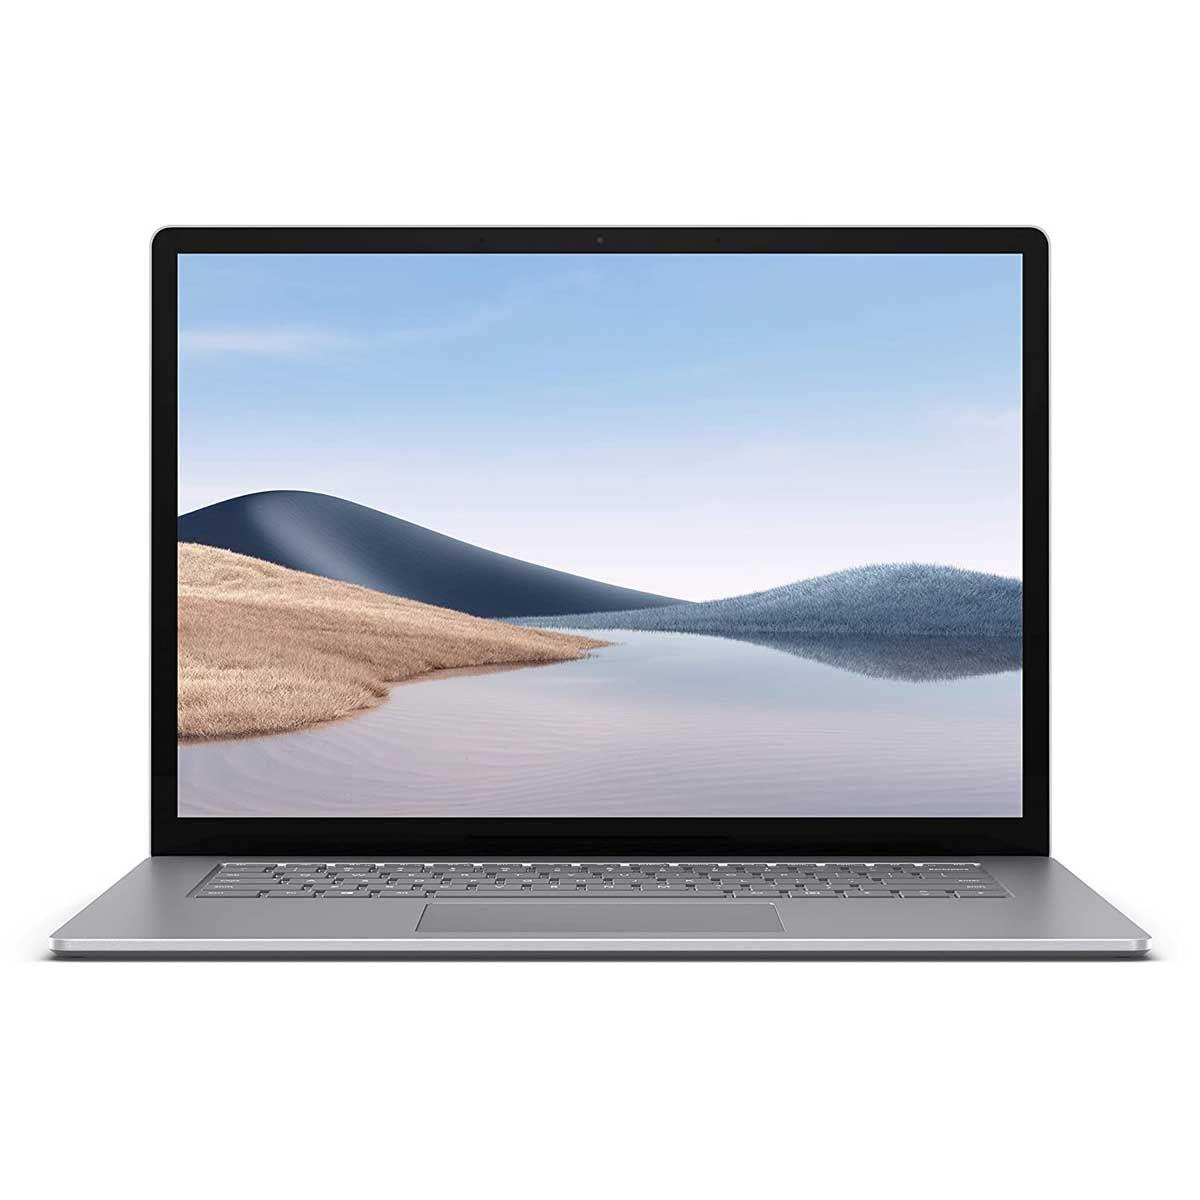 مائیکروسافٹ Surface لیپ ٹاپ 4 Ryzen 7 4980U (2021)